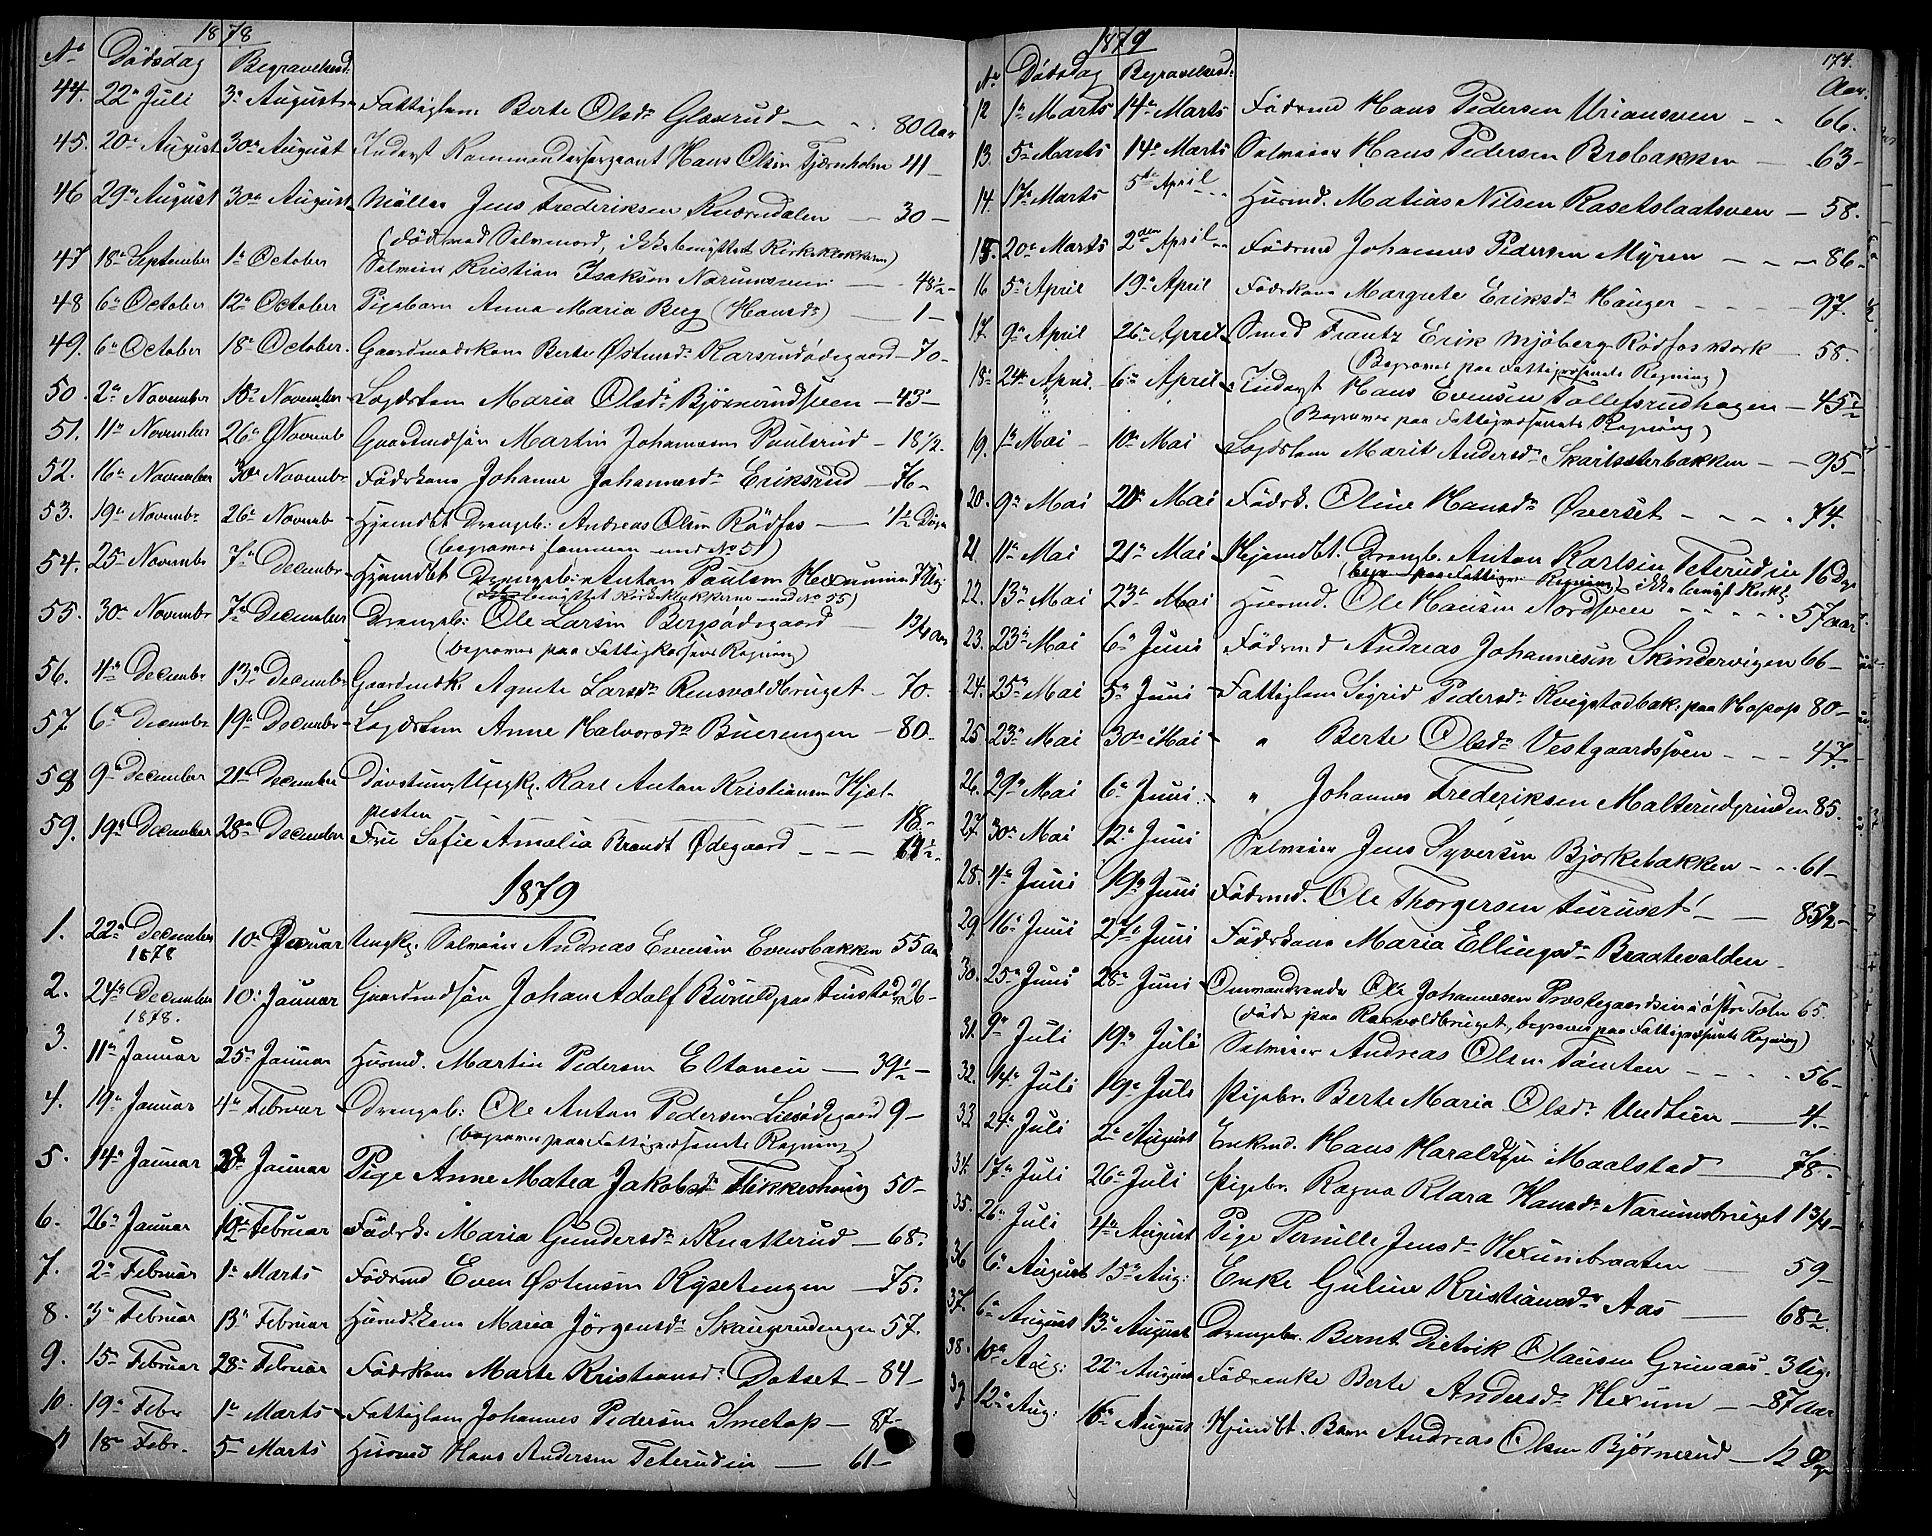 SAH, Vestre Toten prestekontor, Klokkerbok nr. 6, 1870-1887, s. 174